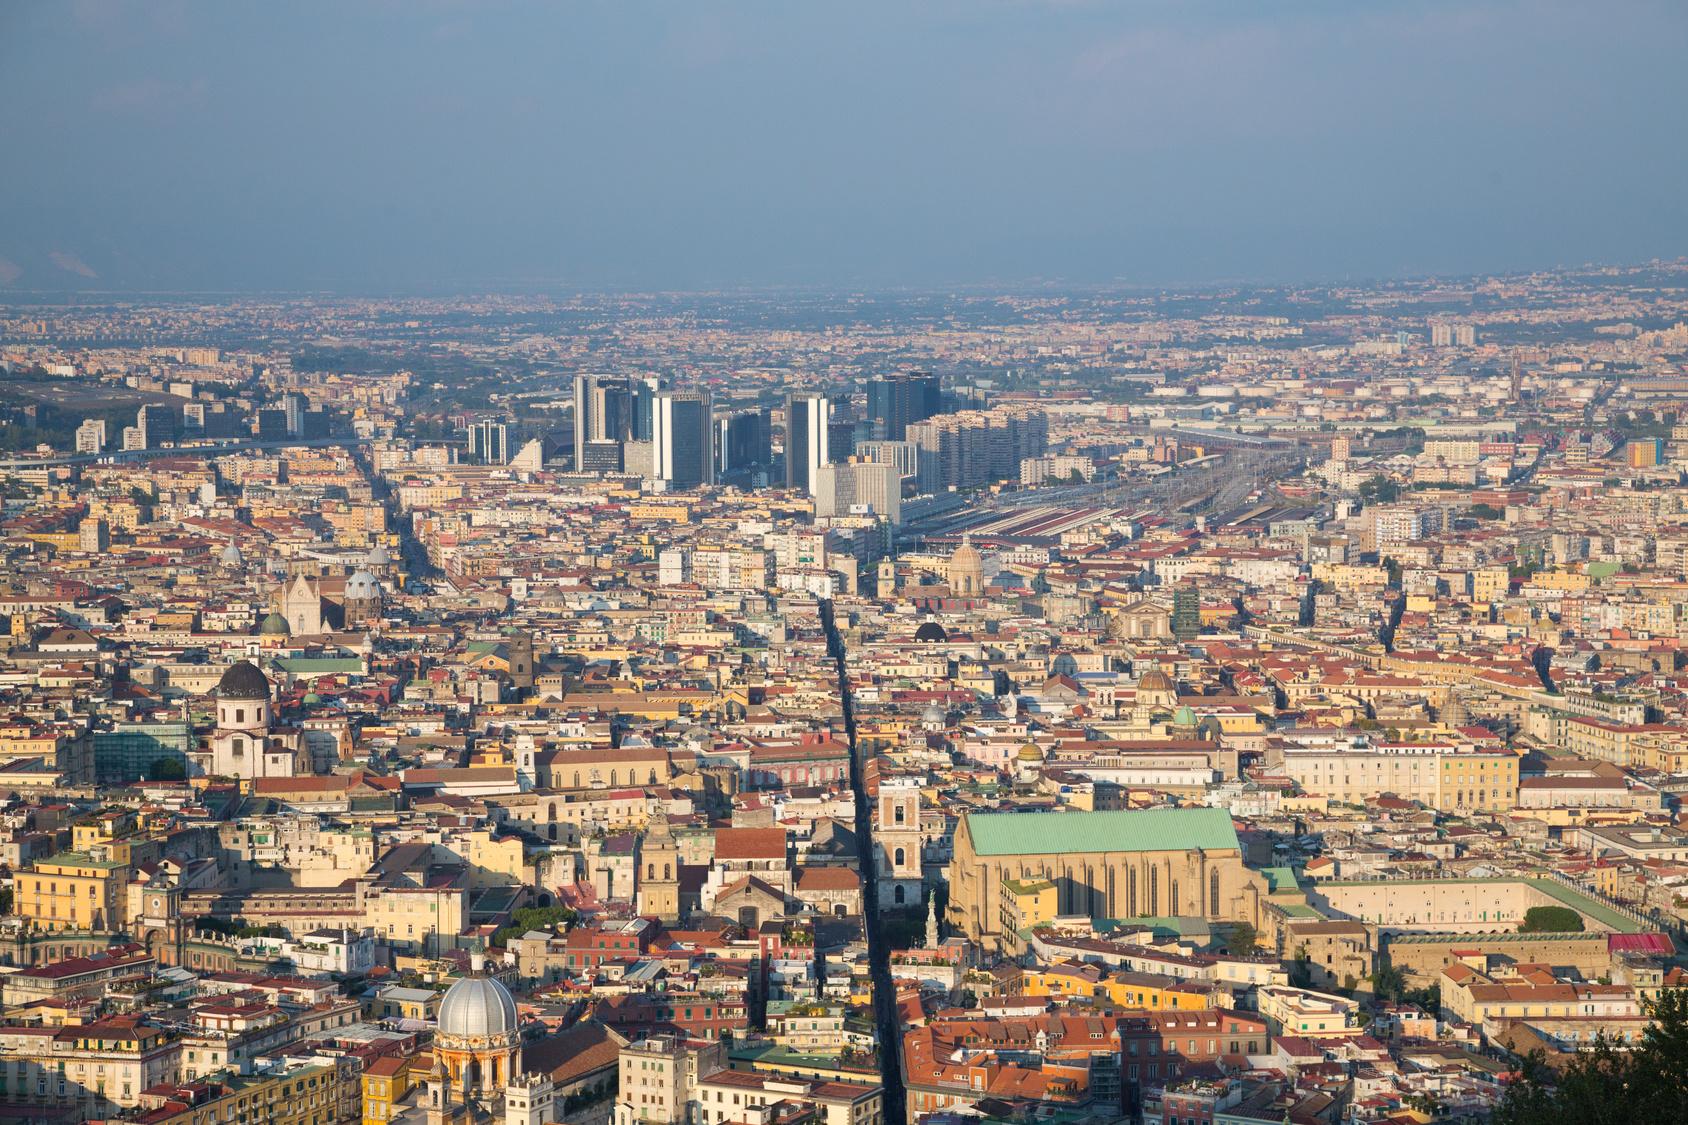 Włochy, Neapol, podróż, turystyka, zwiedzanie, panorama miasta, wymiana walut, Ekantor.pl